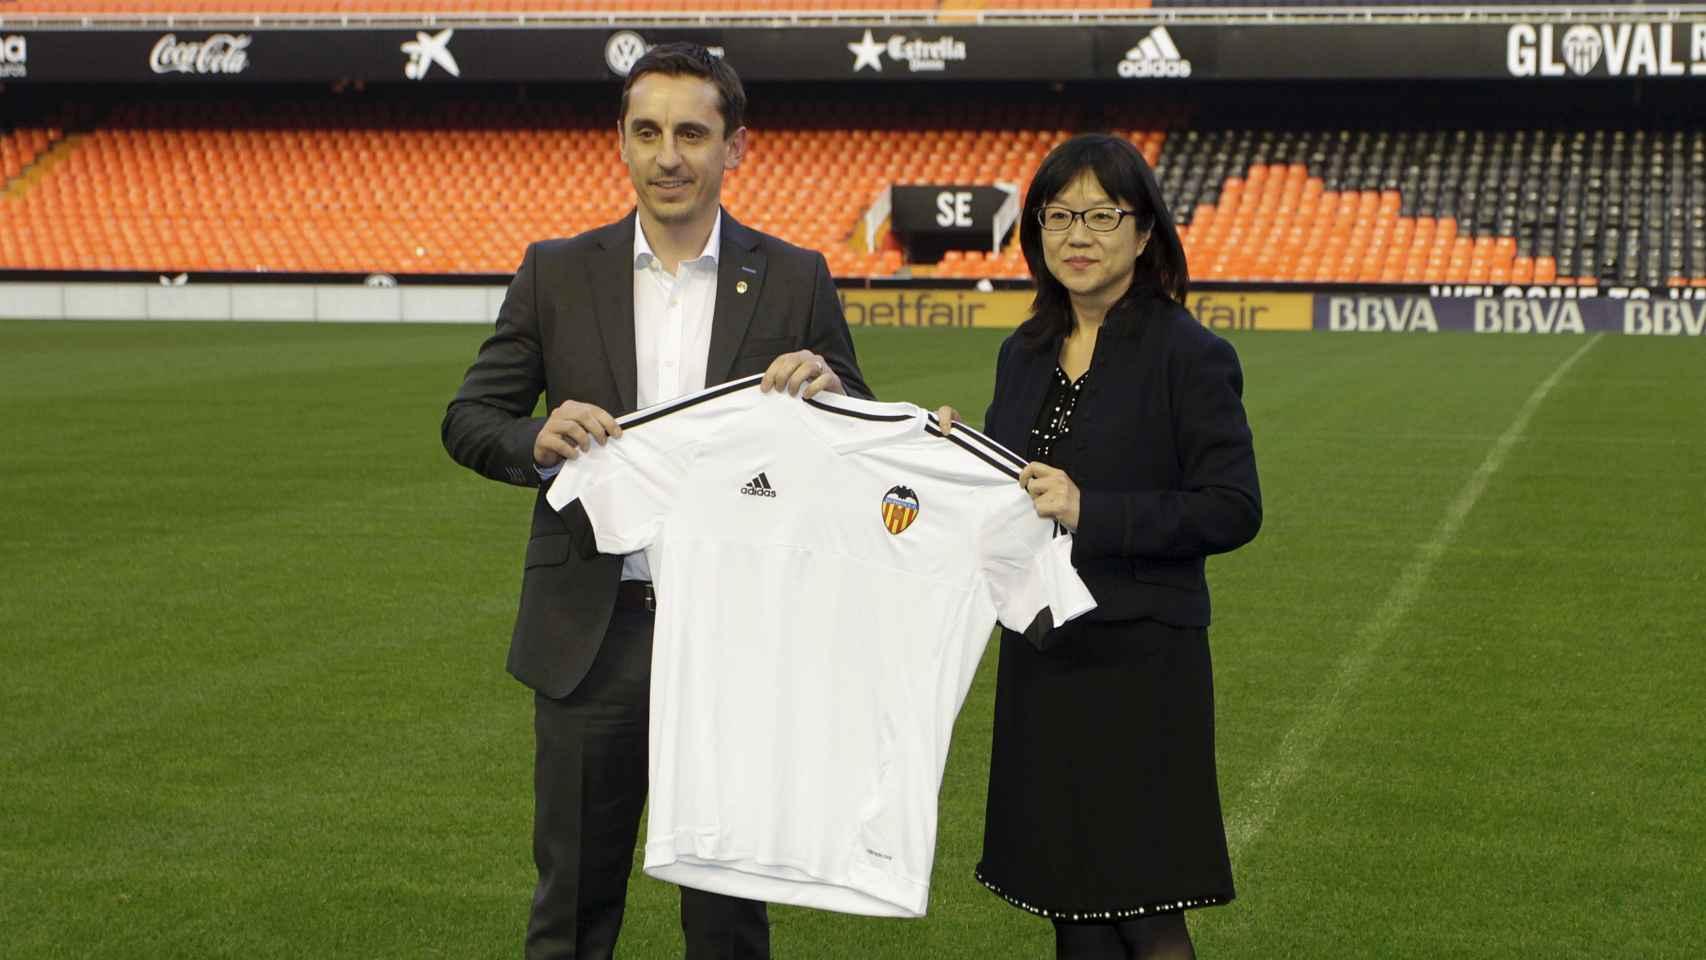 Gary Neville, en la presentación con el Valencia CF